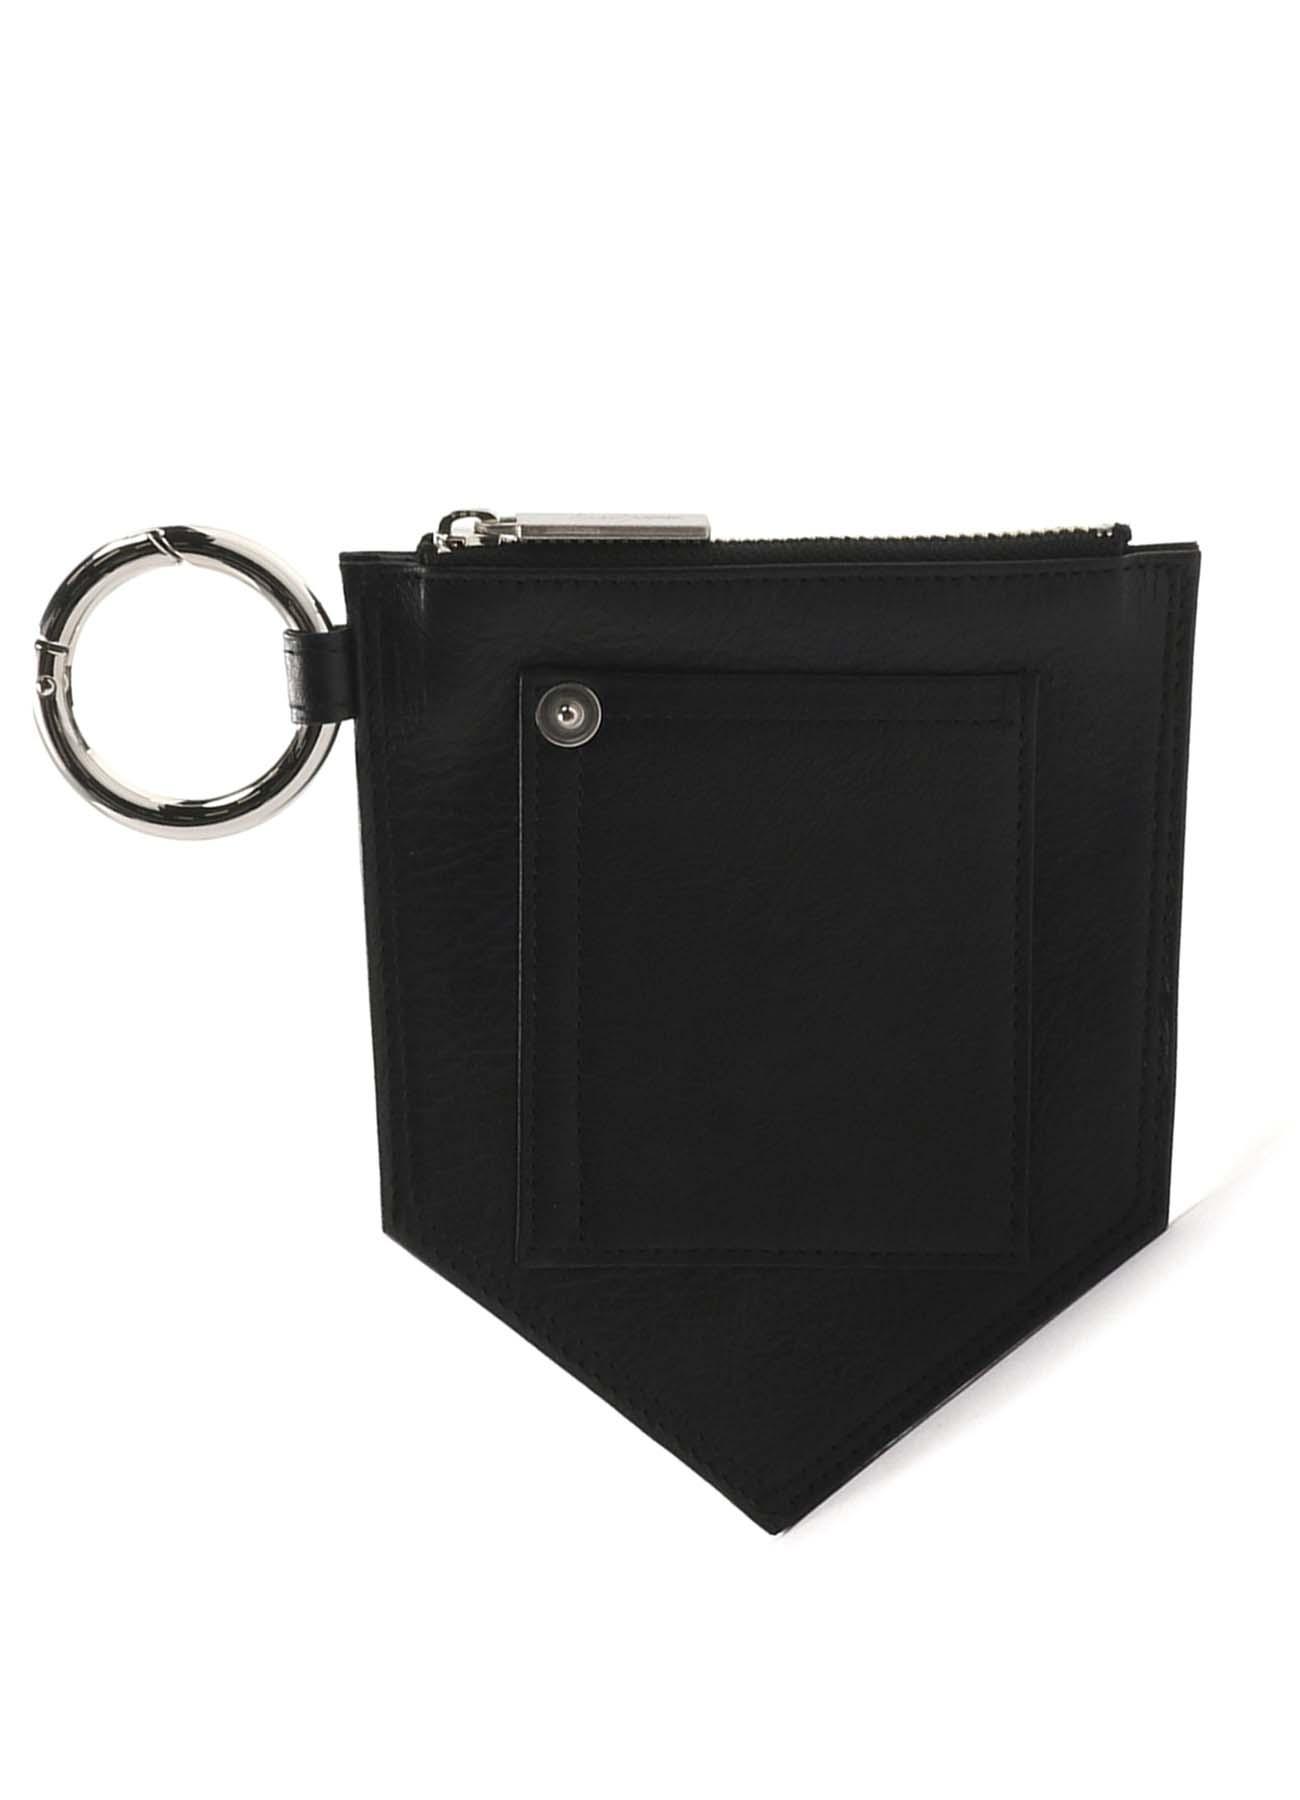 オイルレザー真鍮ポケットチェーンポーチ